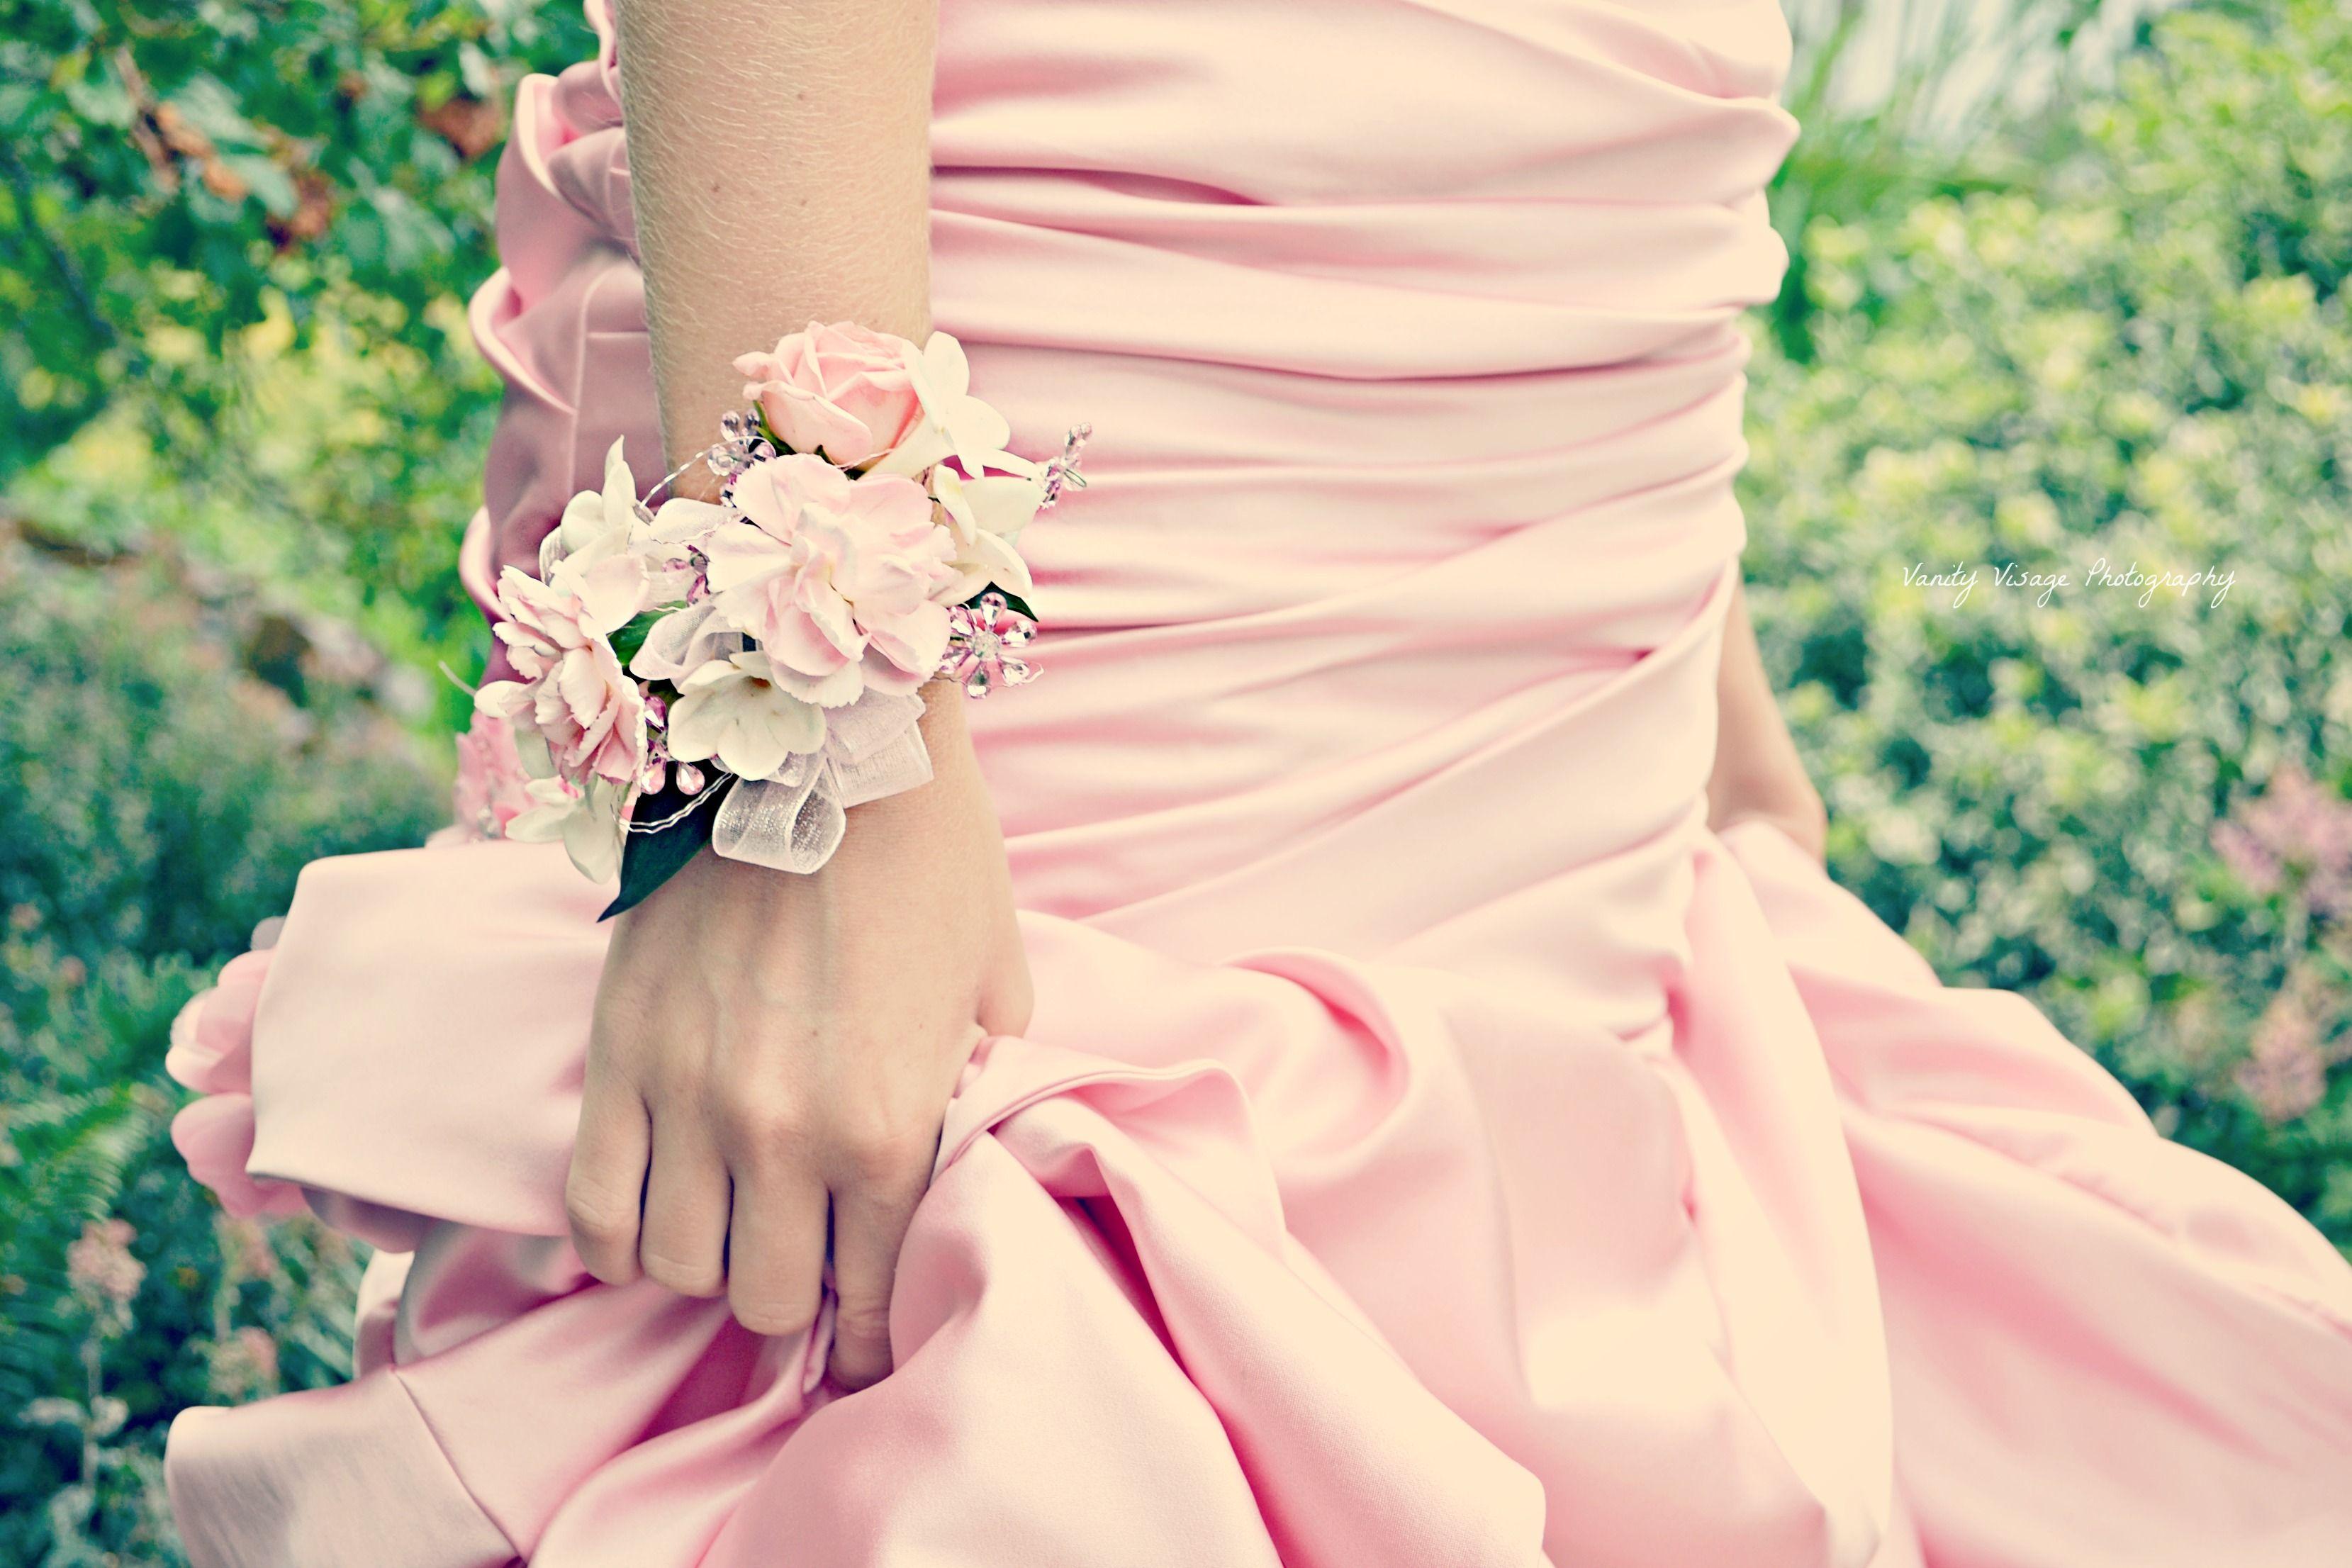 Korean wedding decoration ideas  K grad facebookVanityVisage vanityvisagespot